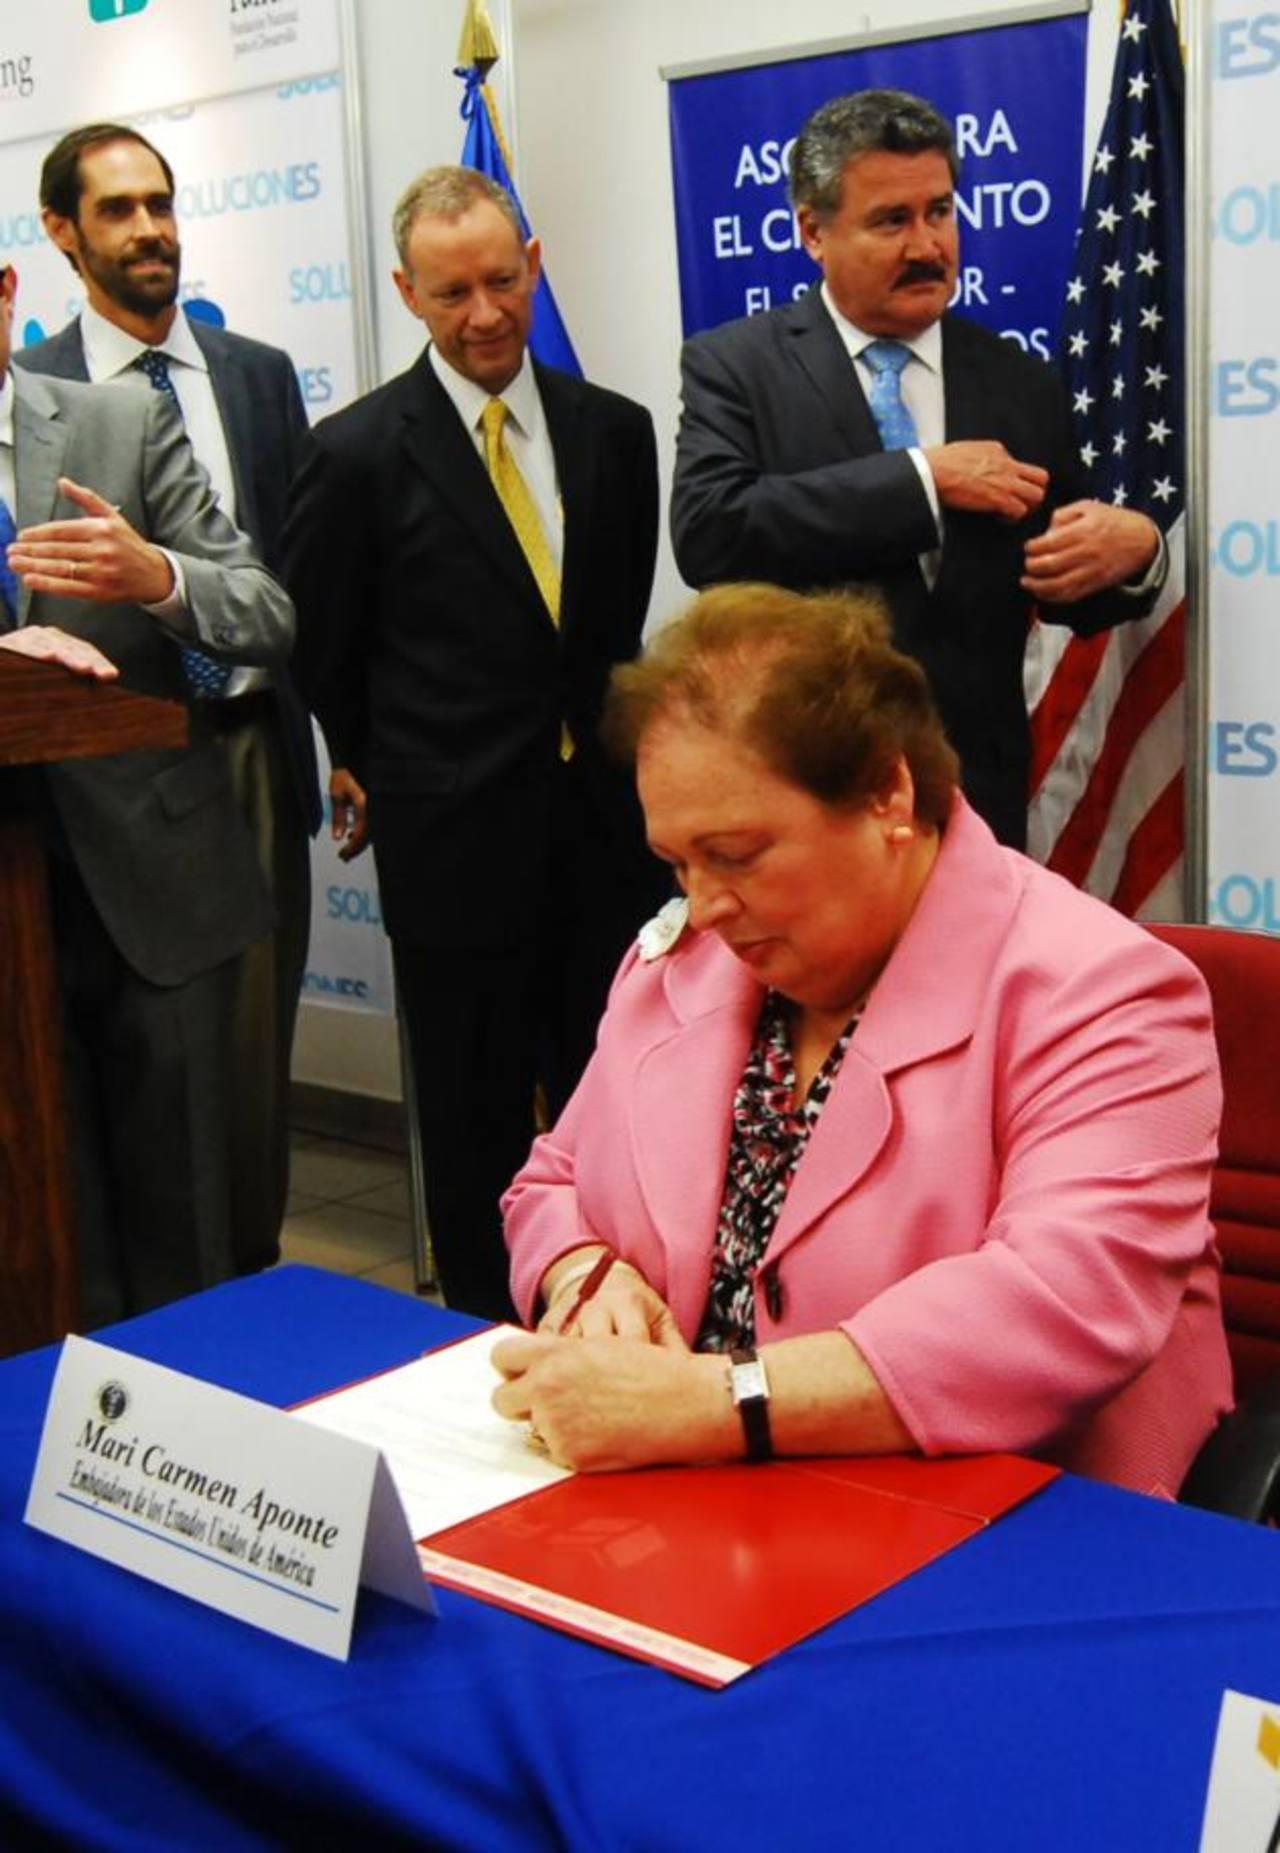 Autoridades estadounidenses firman convenio junto a representantes de cinco fundaciones salvadoreñas. Embajadora Mari Carmen Aponte primer plano. Foto EDH / Marlon Hernández.